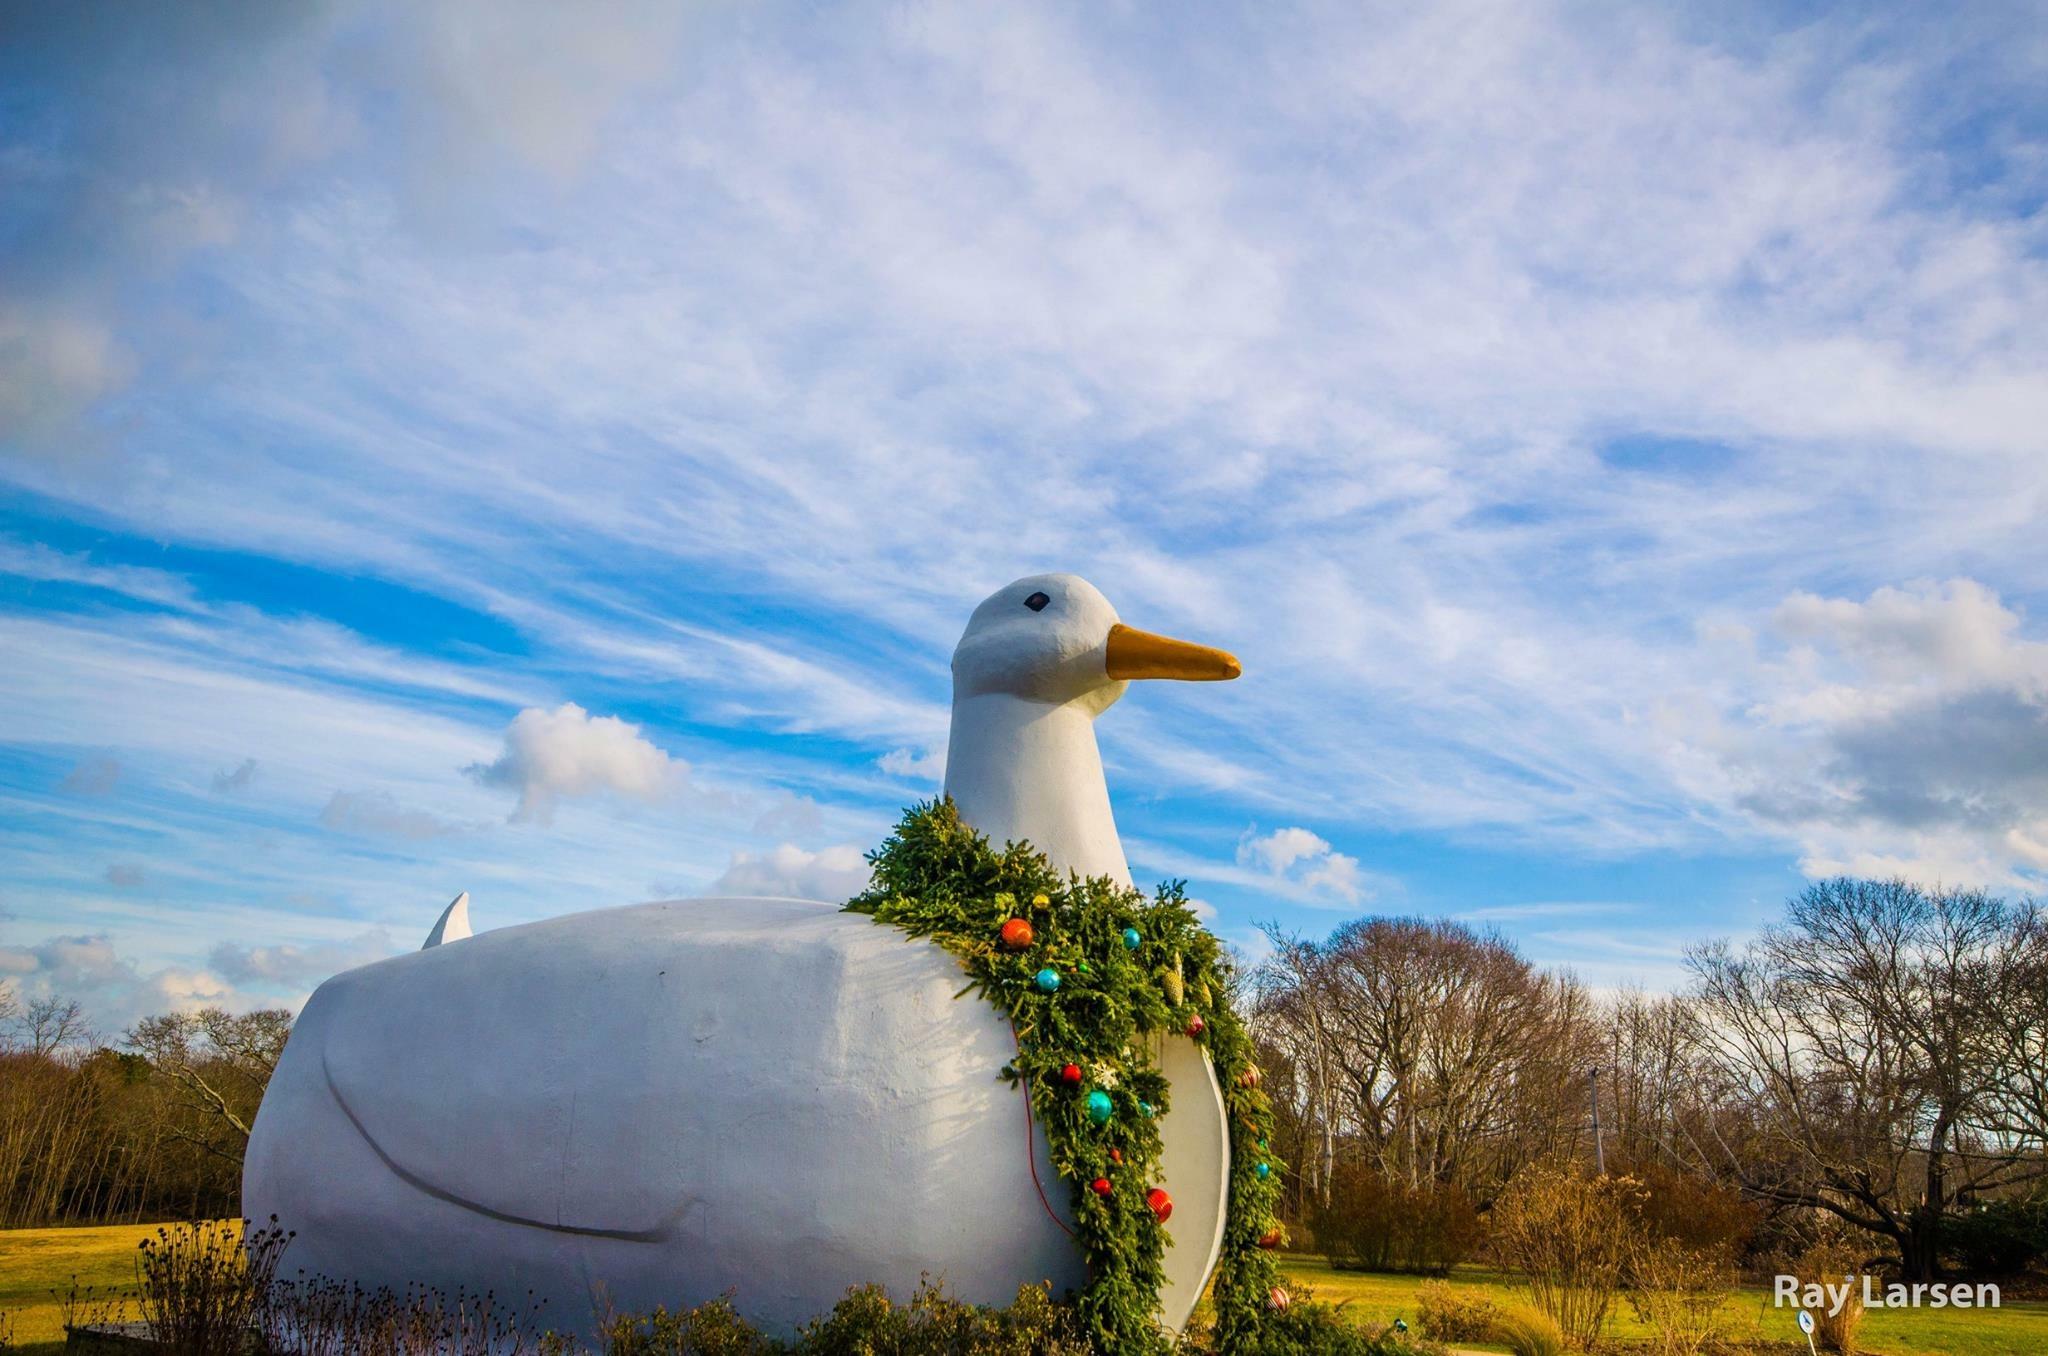 Flanders Duck